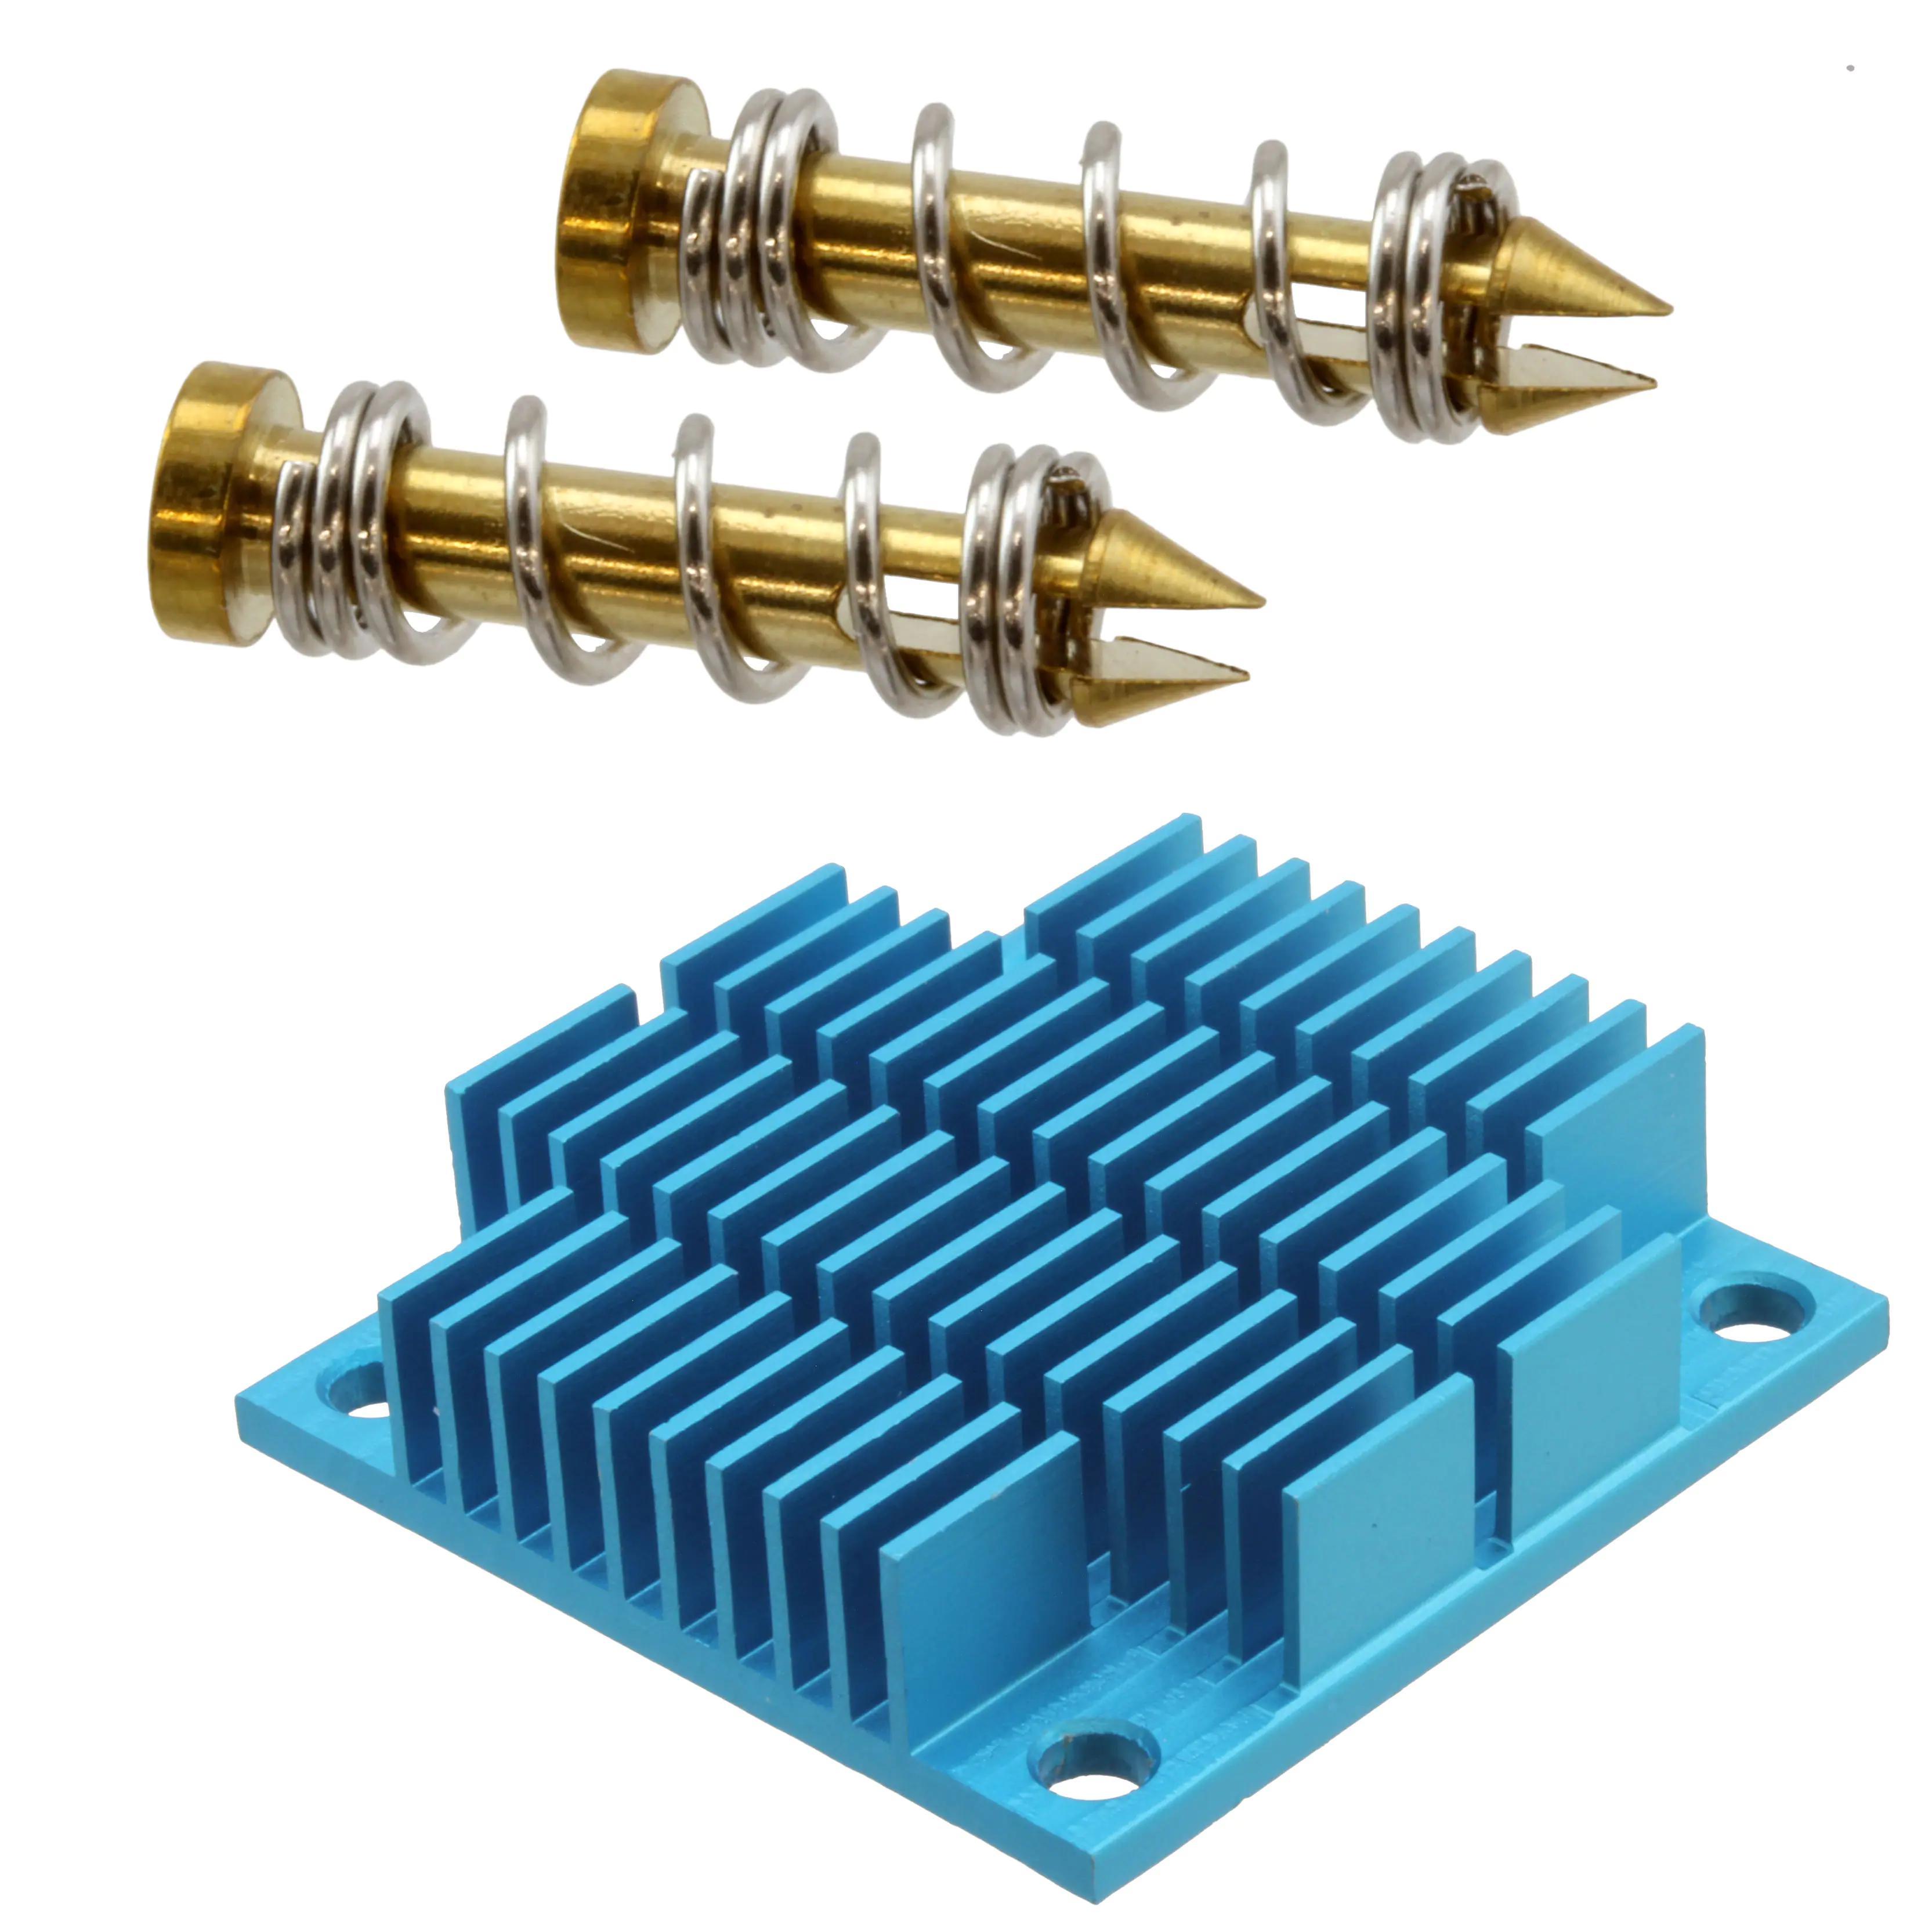 ATS-11A-91-C1-R0                                              Advanced Thermal Solutions Inc. ATS-11A-91-C1-R0